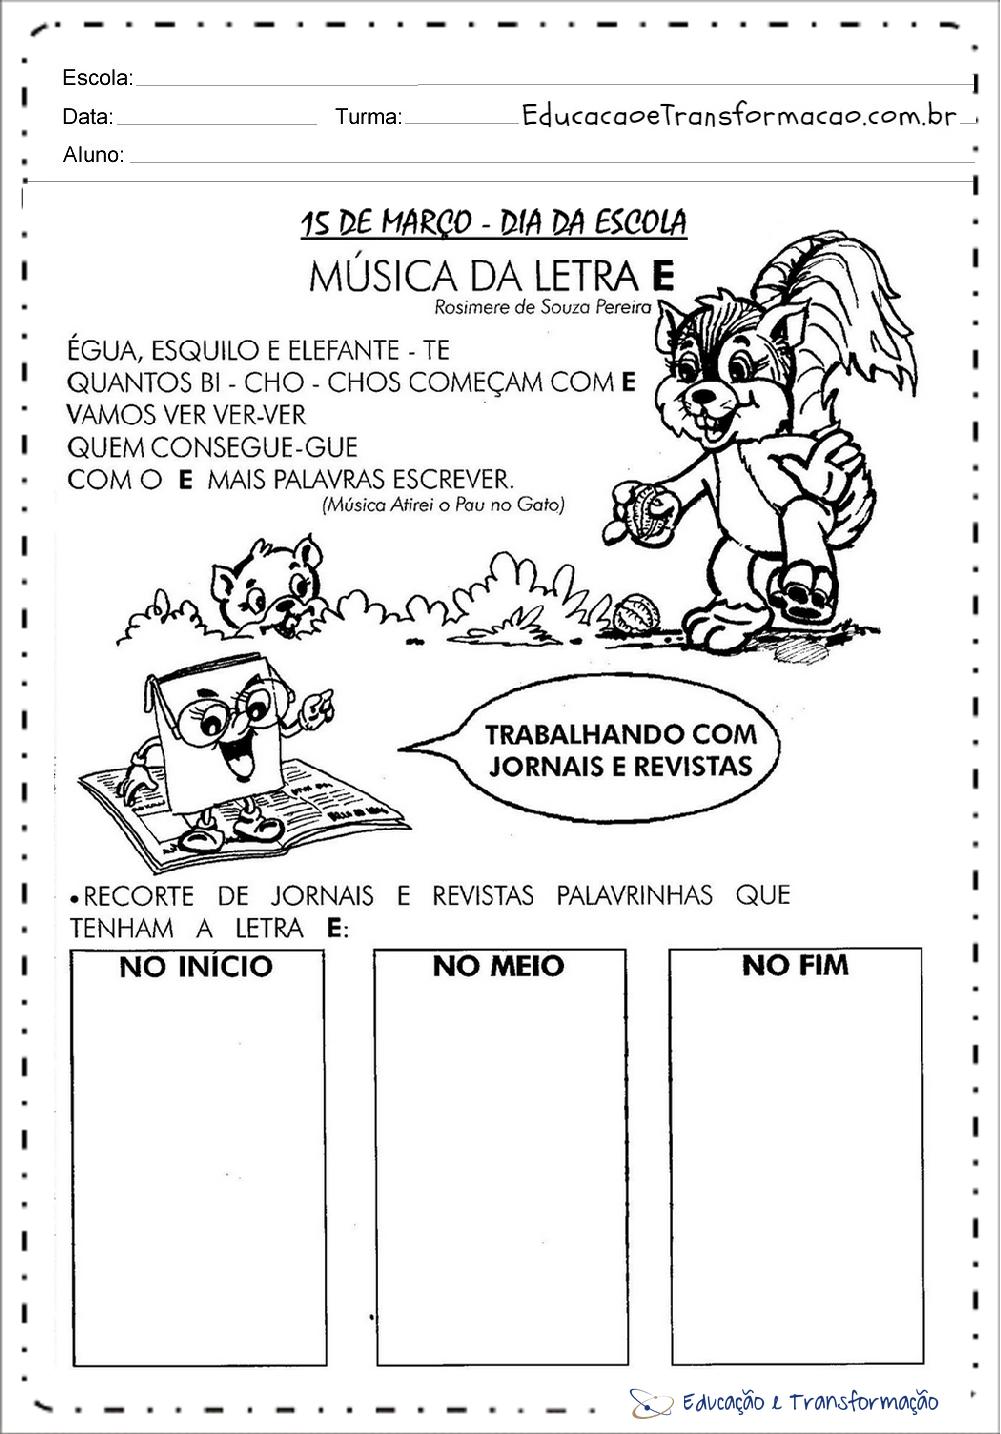 Populares Atividades Dia da Escola para imprimir e colorir - 15 de Março WV43